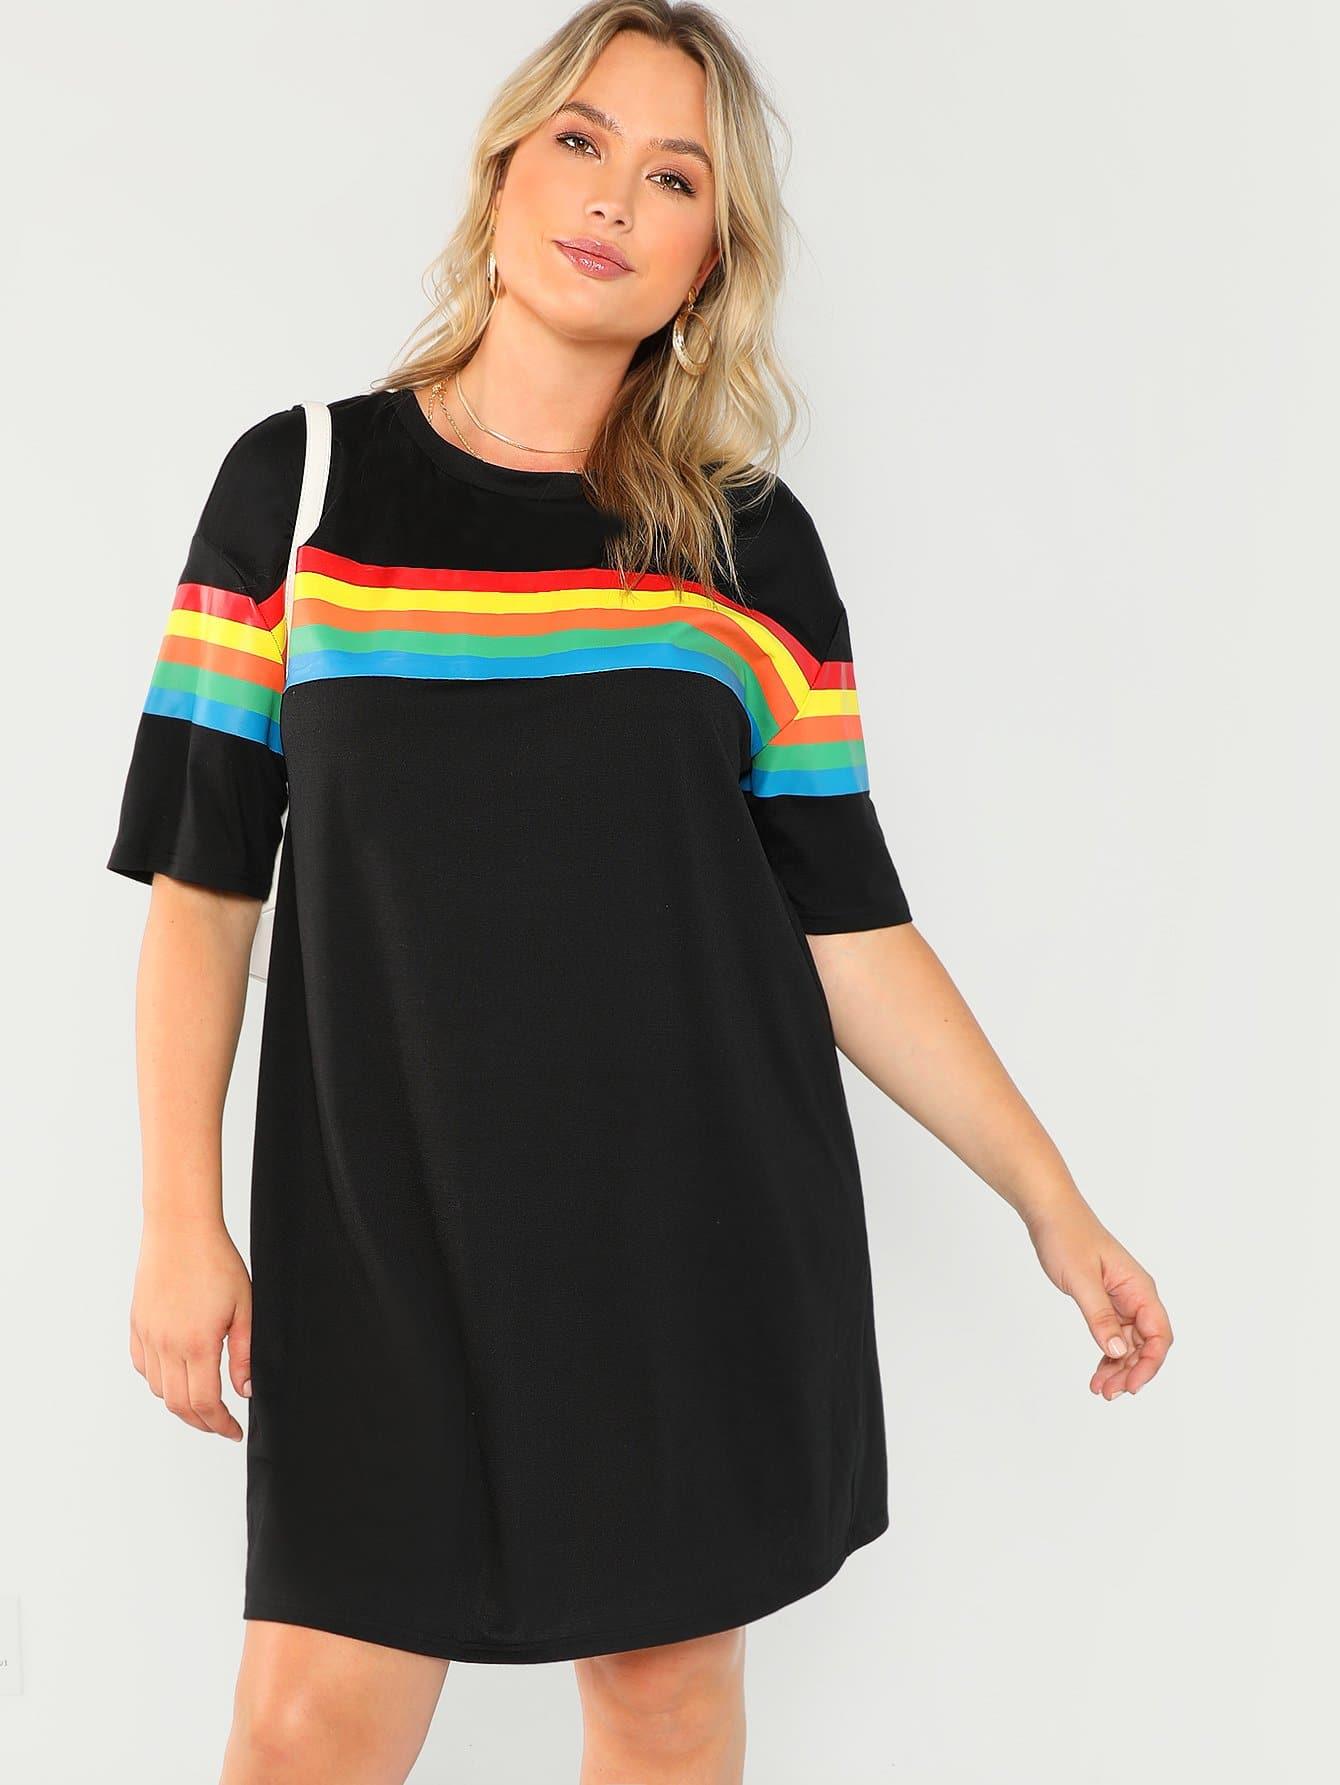 Купить Плюс размеры радужное полосатое платье, Sydney Ness, SheIn